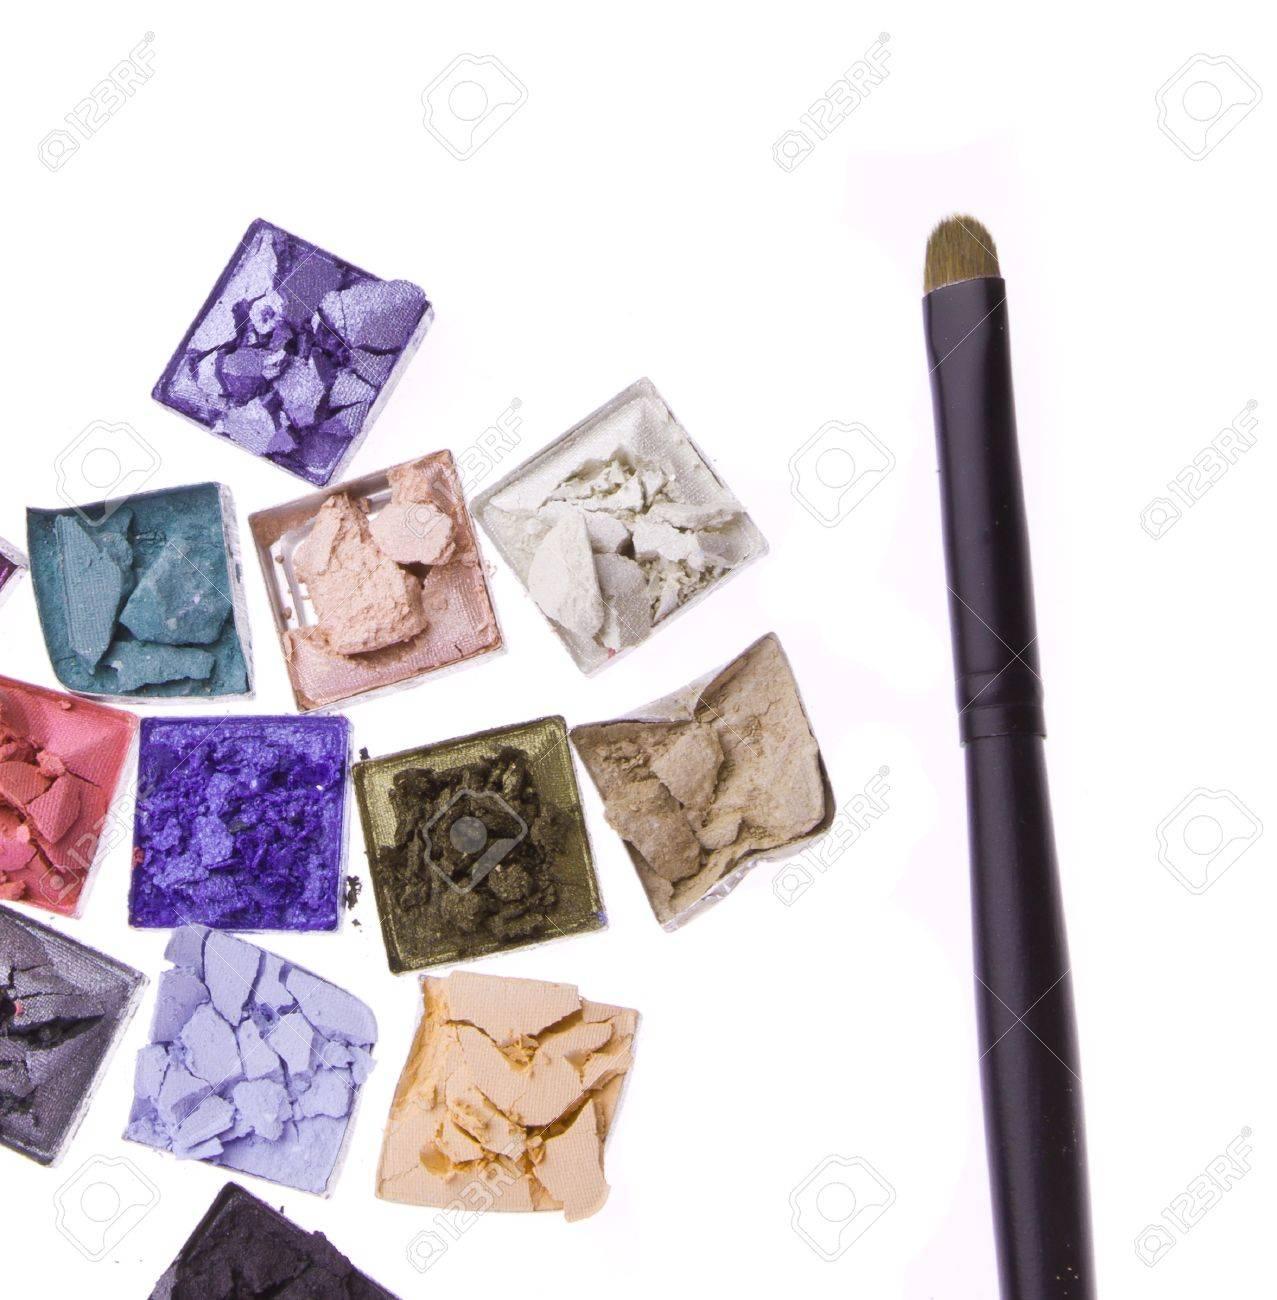 multicolored crushed eyeshadows with brush isolated on white background Stock Photo - 13139984